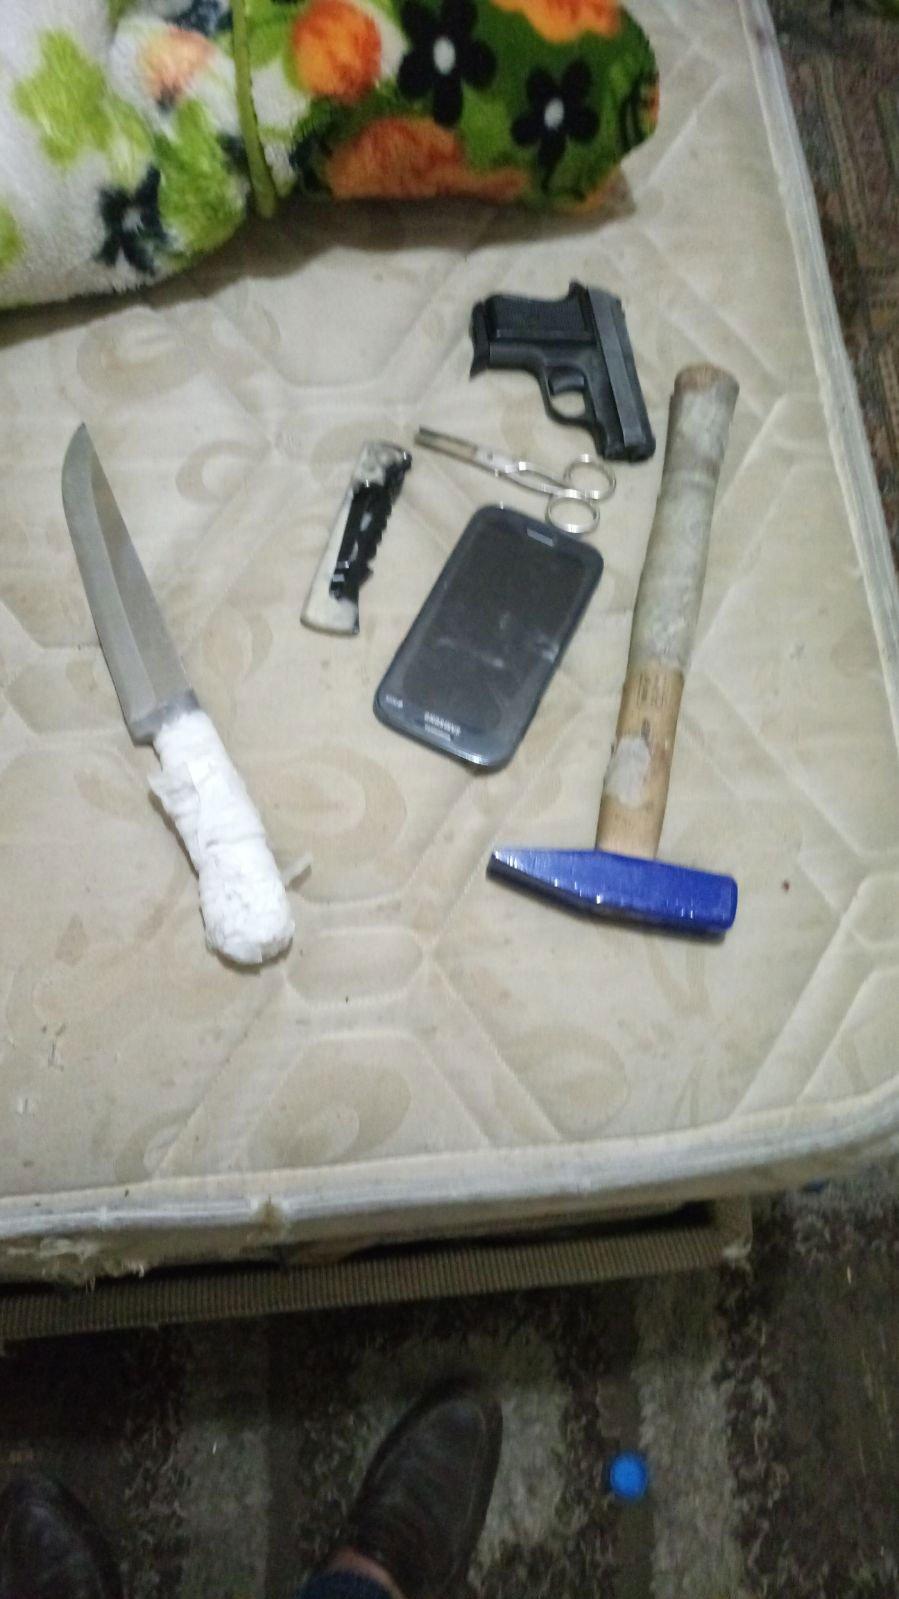 FOTO:SÖZCÜ -Kaçırılan İranlılara bu aletlerle işkence yapmışlar...